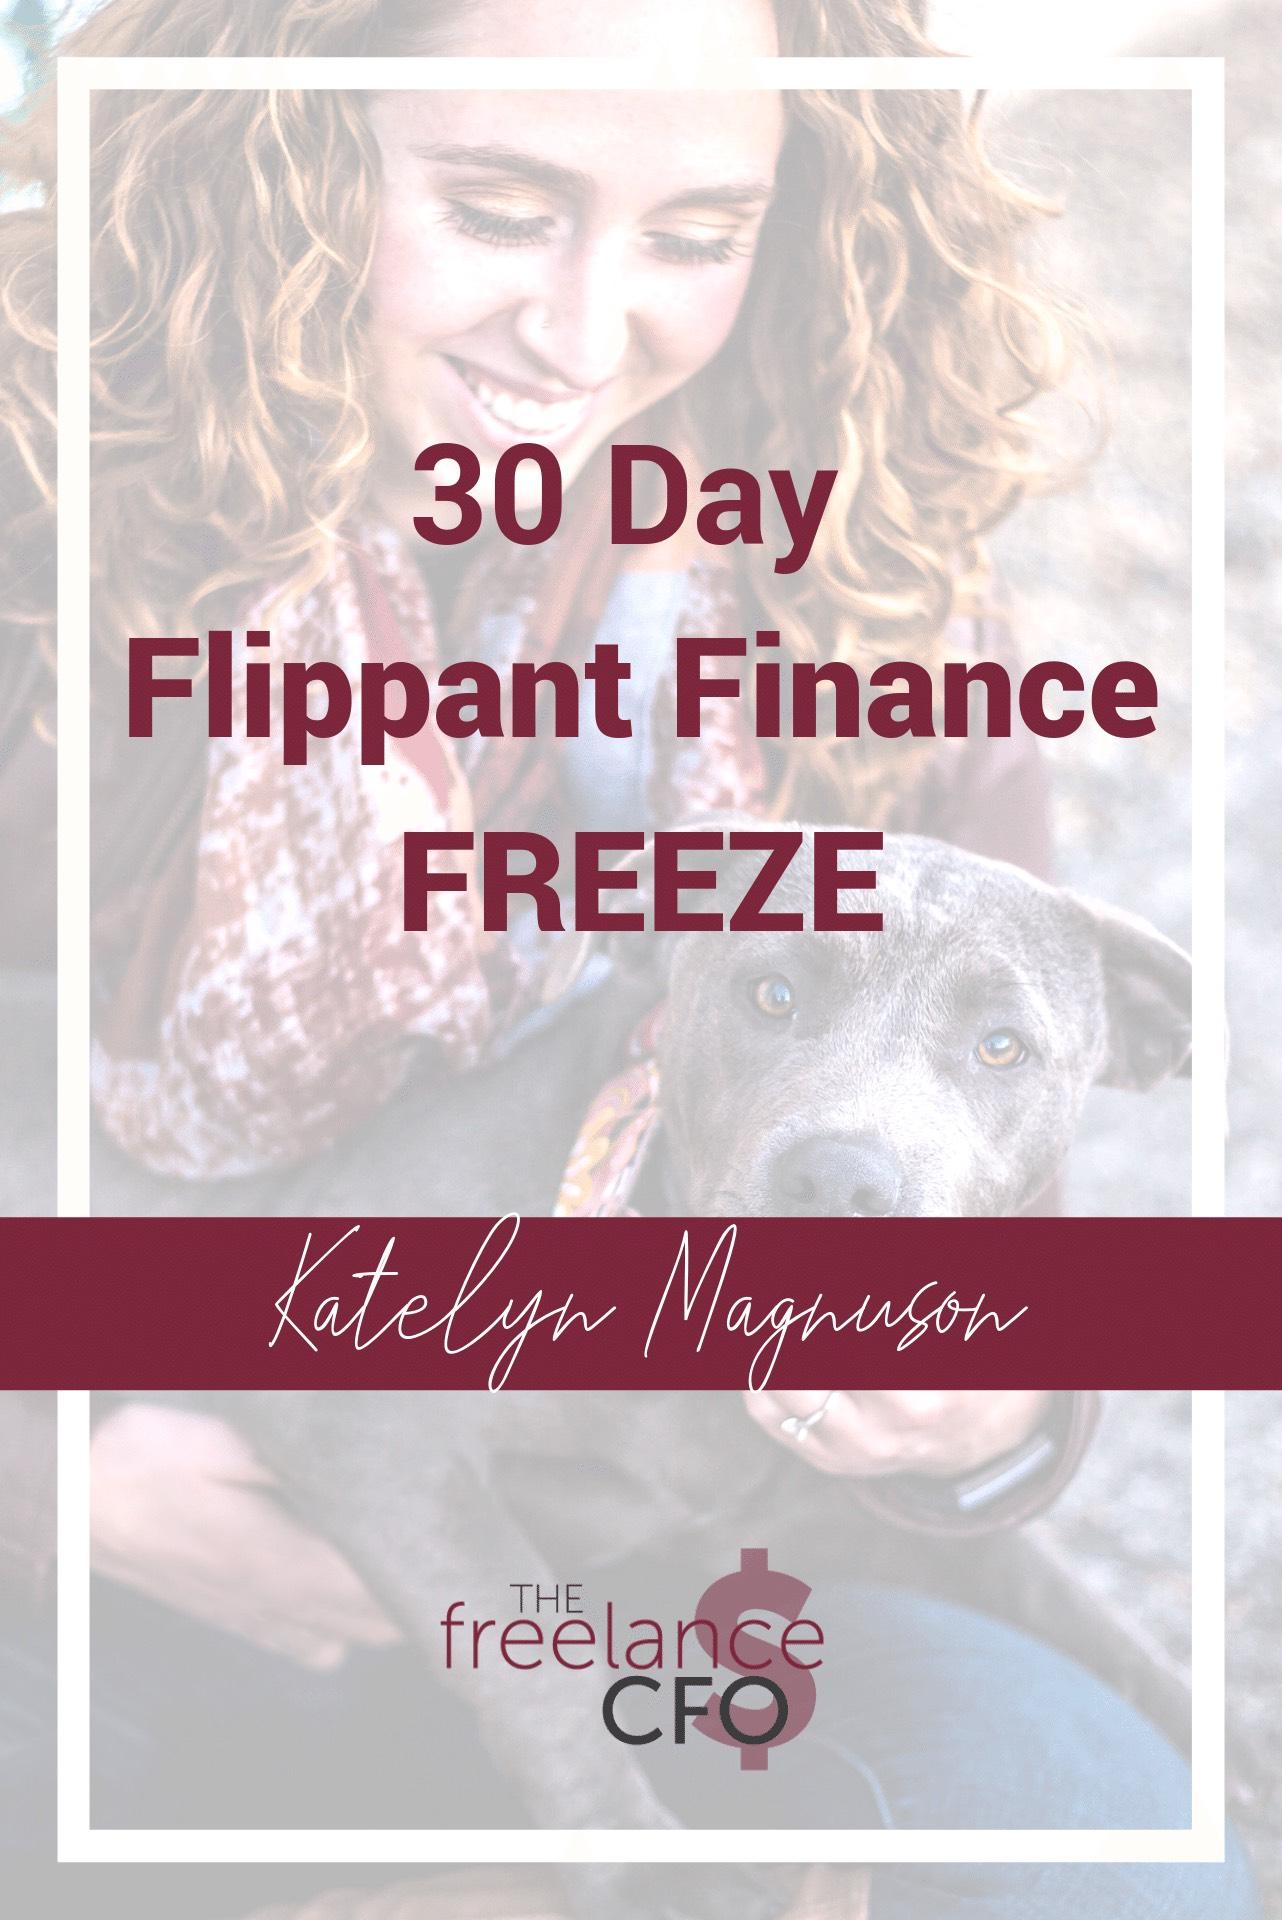 30 day flippant finance freeze.jpeg